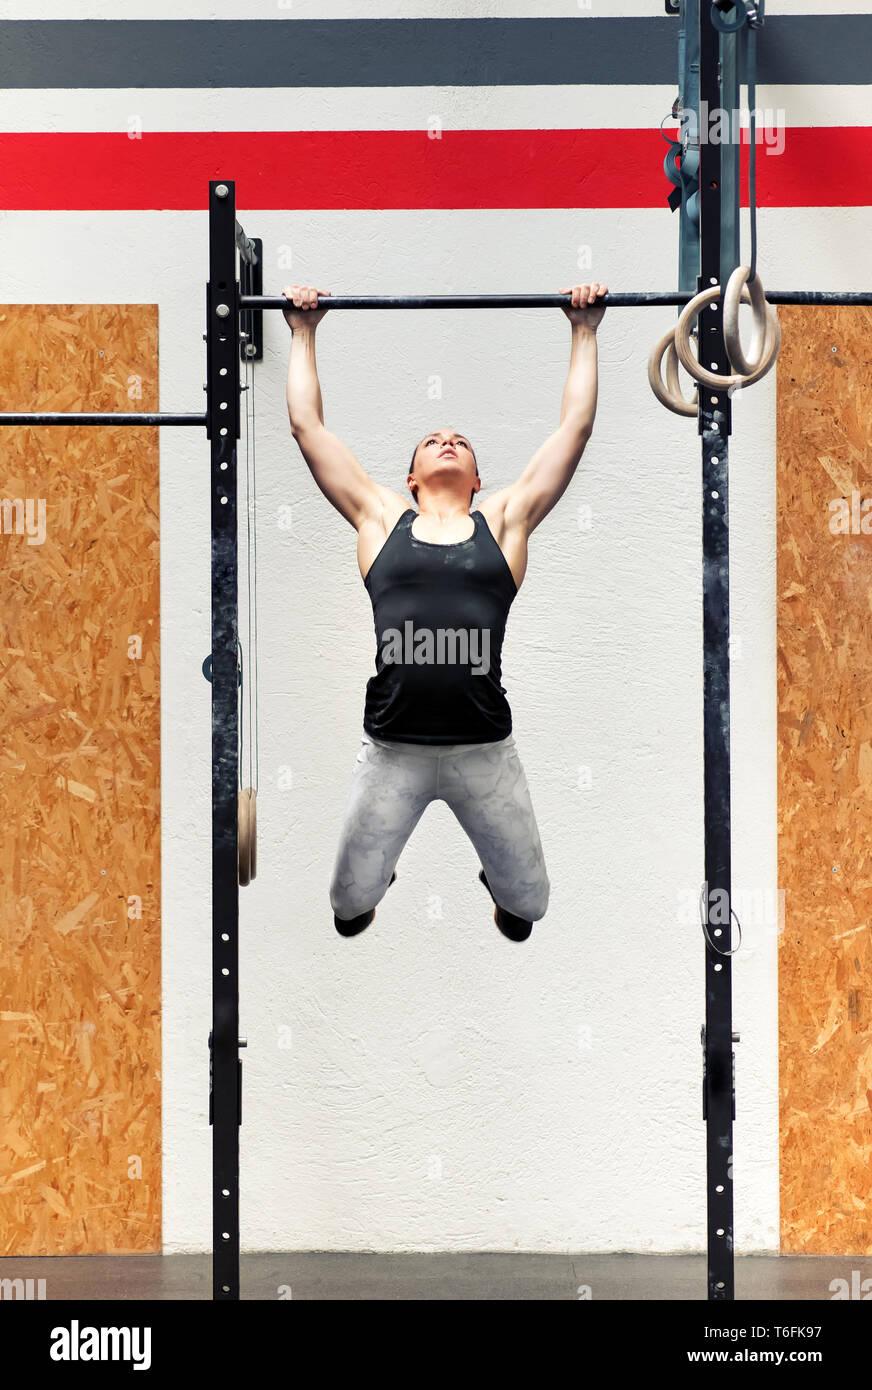 Junge passen starke muskuläre Mädchen Athlet, Pull-ups auf einer Bar während ihres Trainings in einem vollen frontalen Blick in einen professionellen Fitnessraum Stockbild